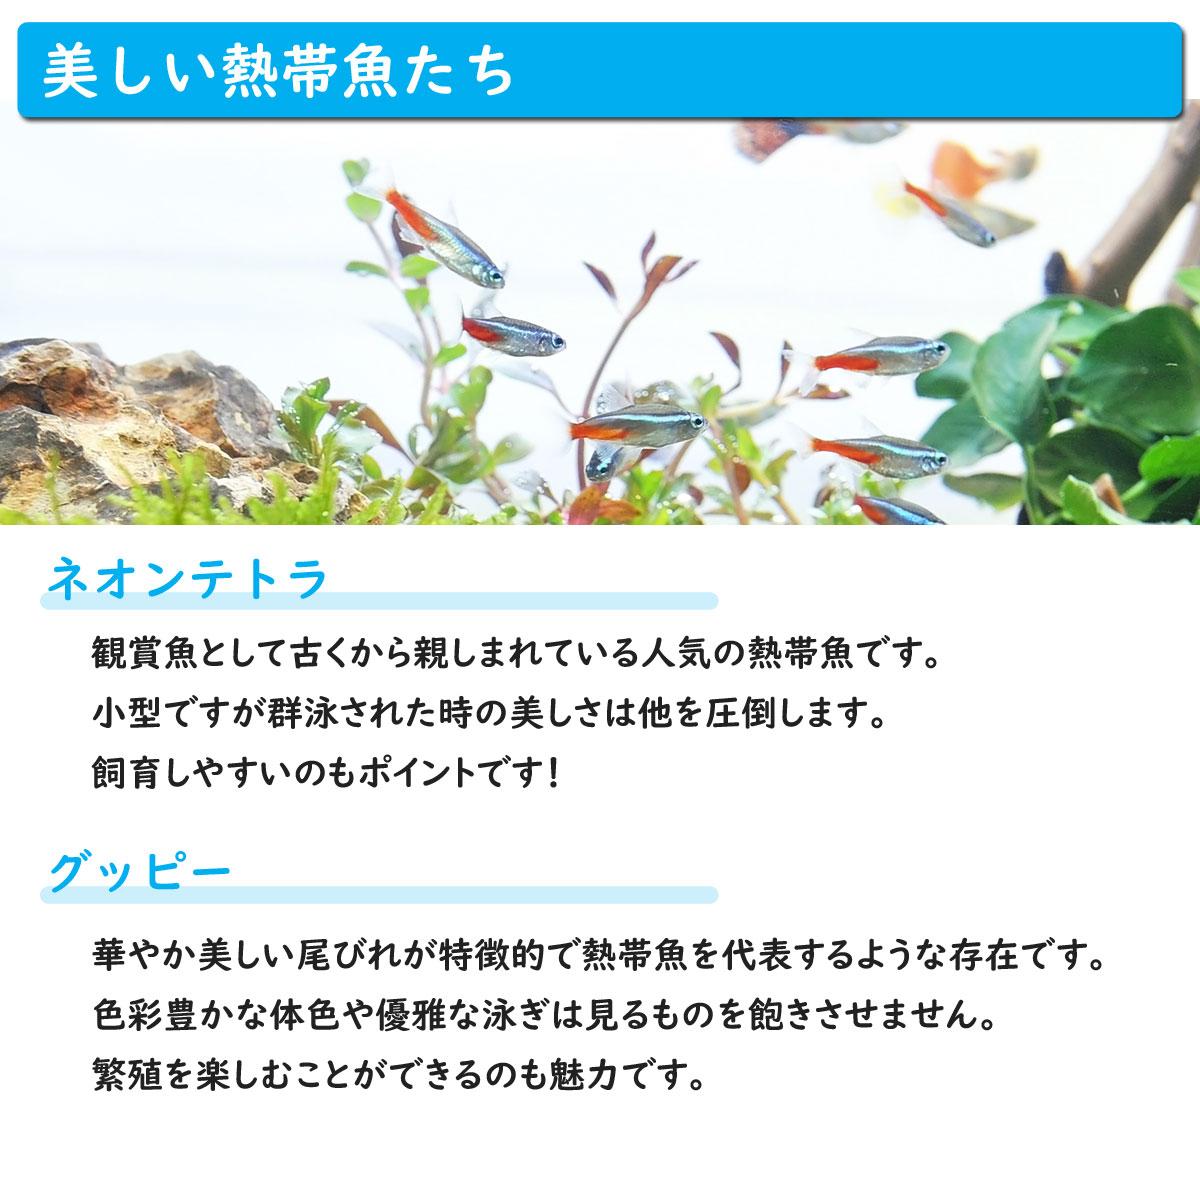 ホームアクアリウムオールセット セレクト熱帯魚 36cm水槽 飼育に必要なもの全てお届け 家族の団欒 インテリア 癒しに